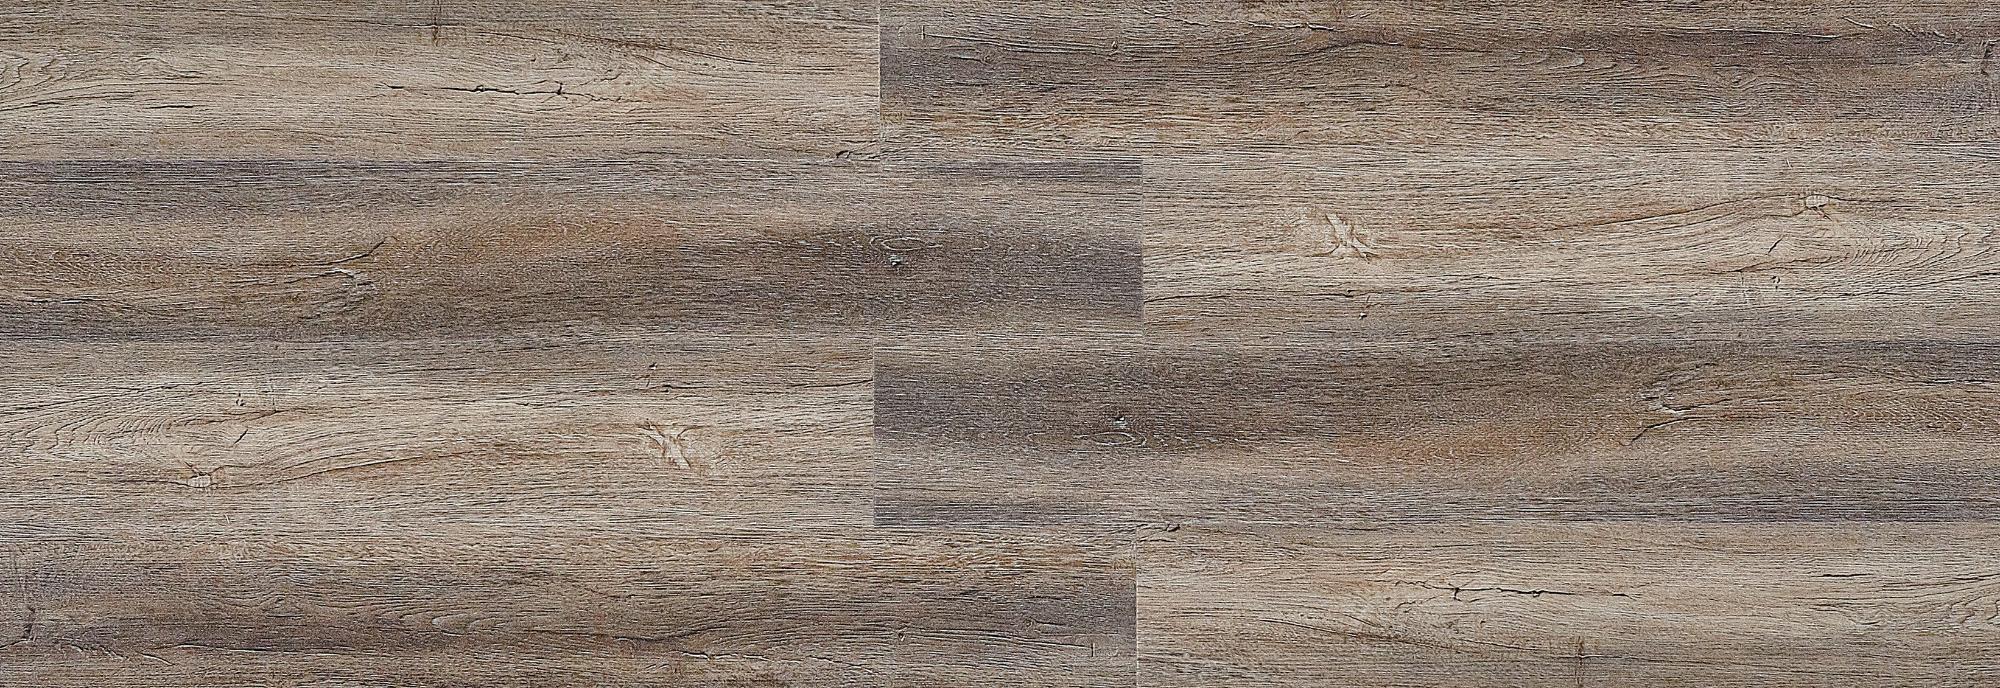 NOMAD FLO - NF10110 Oviedo - Vinylová podlaha s kompozitním jádrem - Click